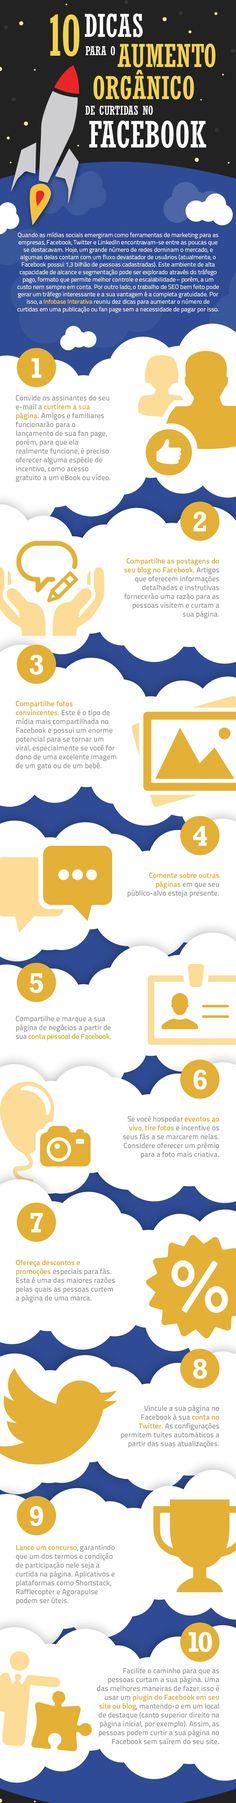 10 dicas para aumentar o alcance orgânico das marcas no Facebook #infográfico